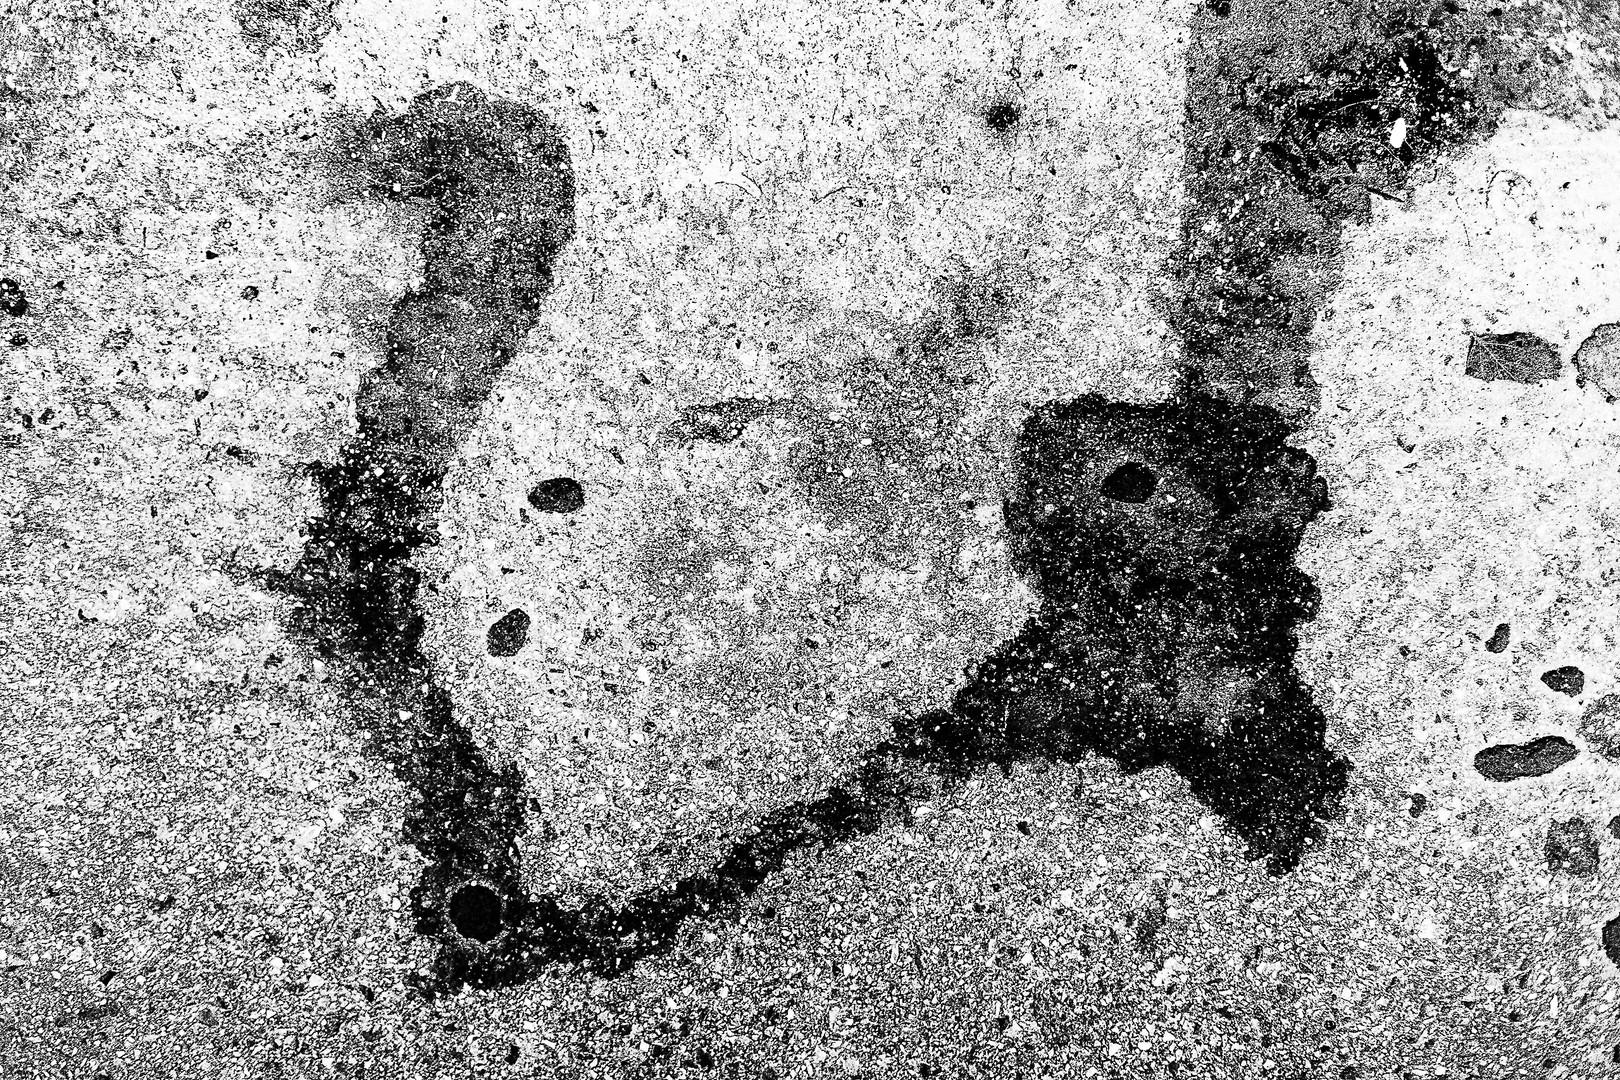 a fragment of 'zapf de pipi'